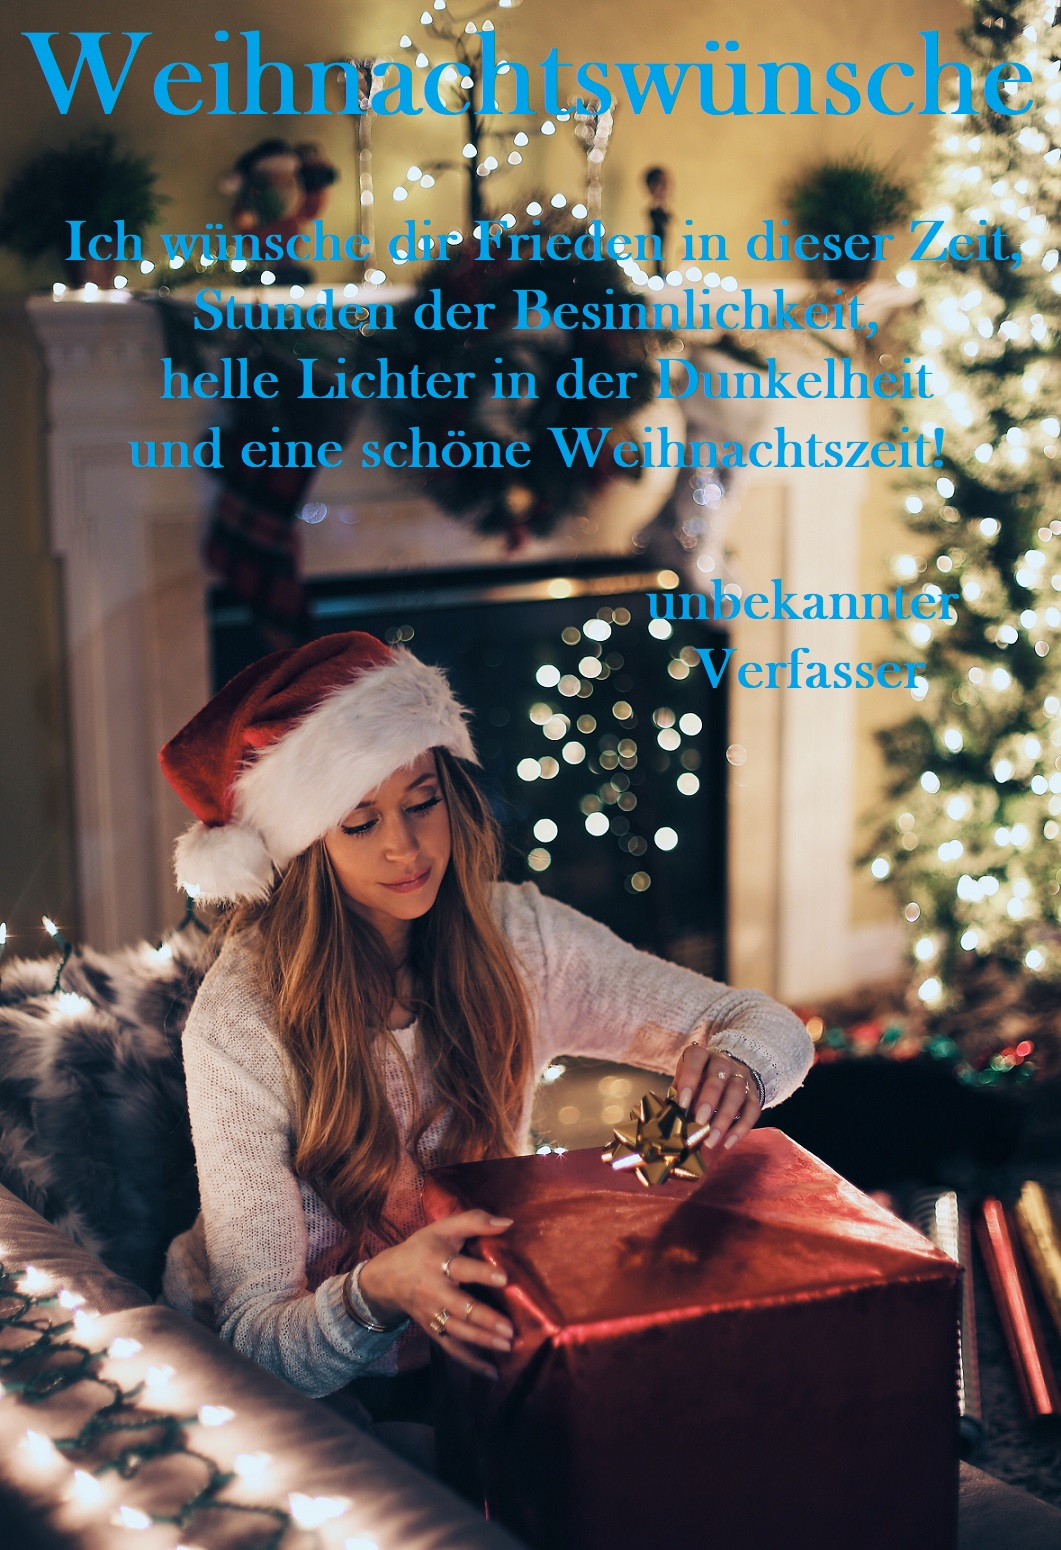 Weihnachtswünsche senden